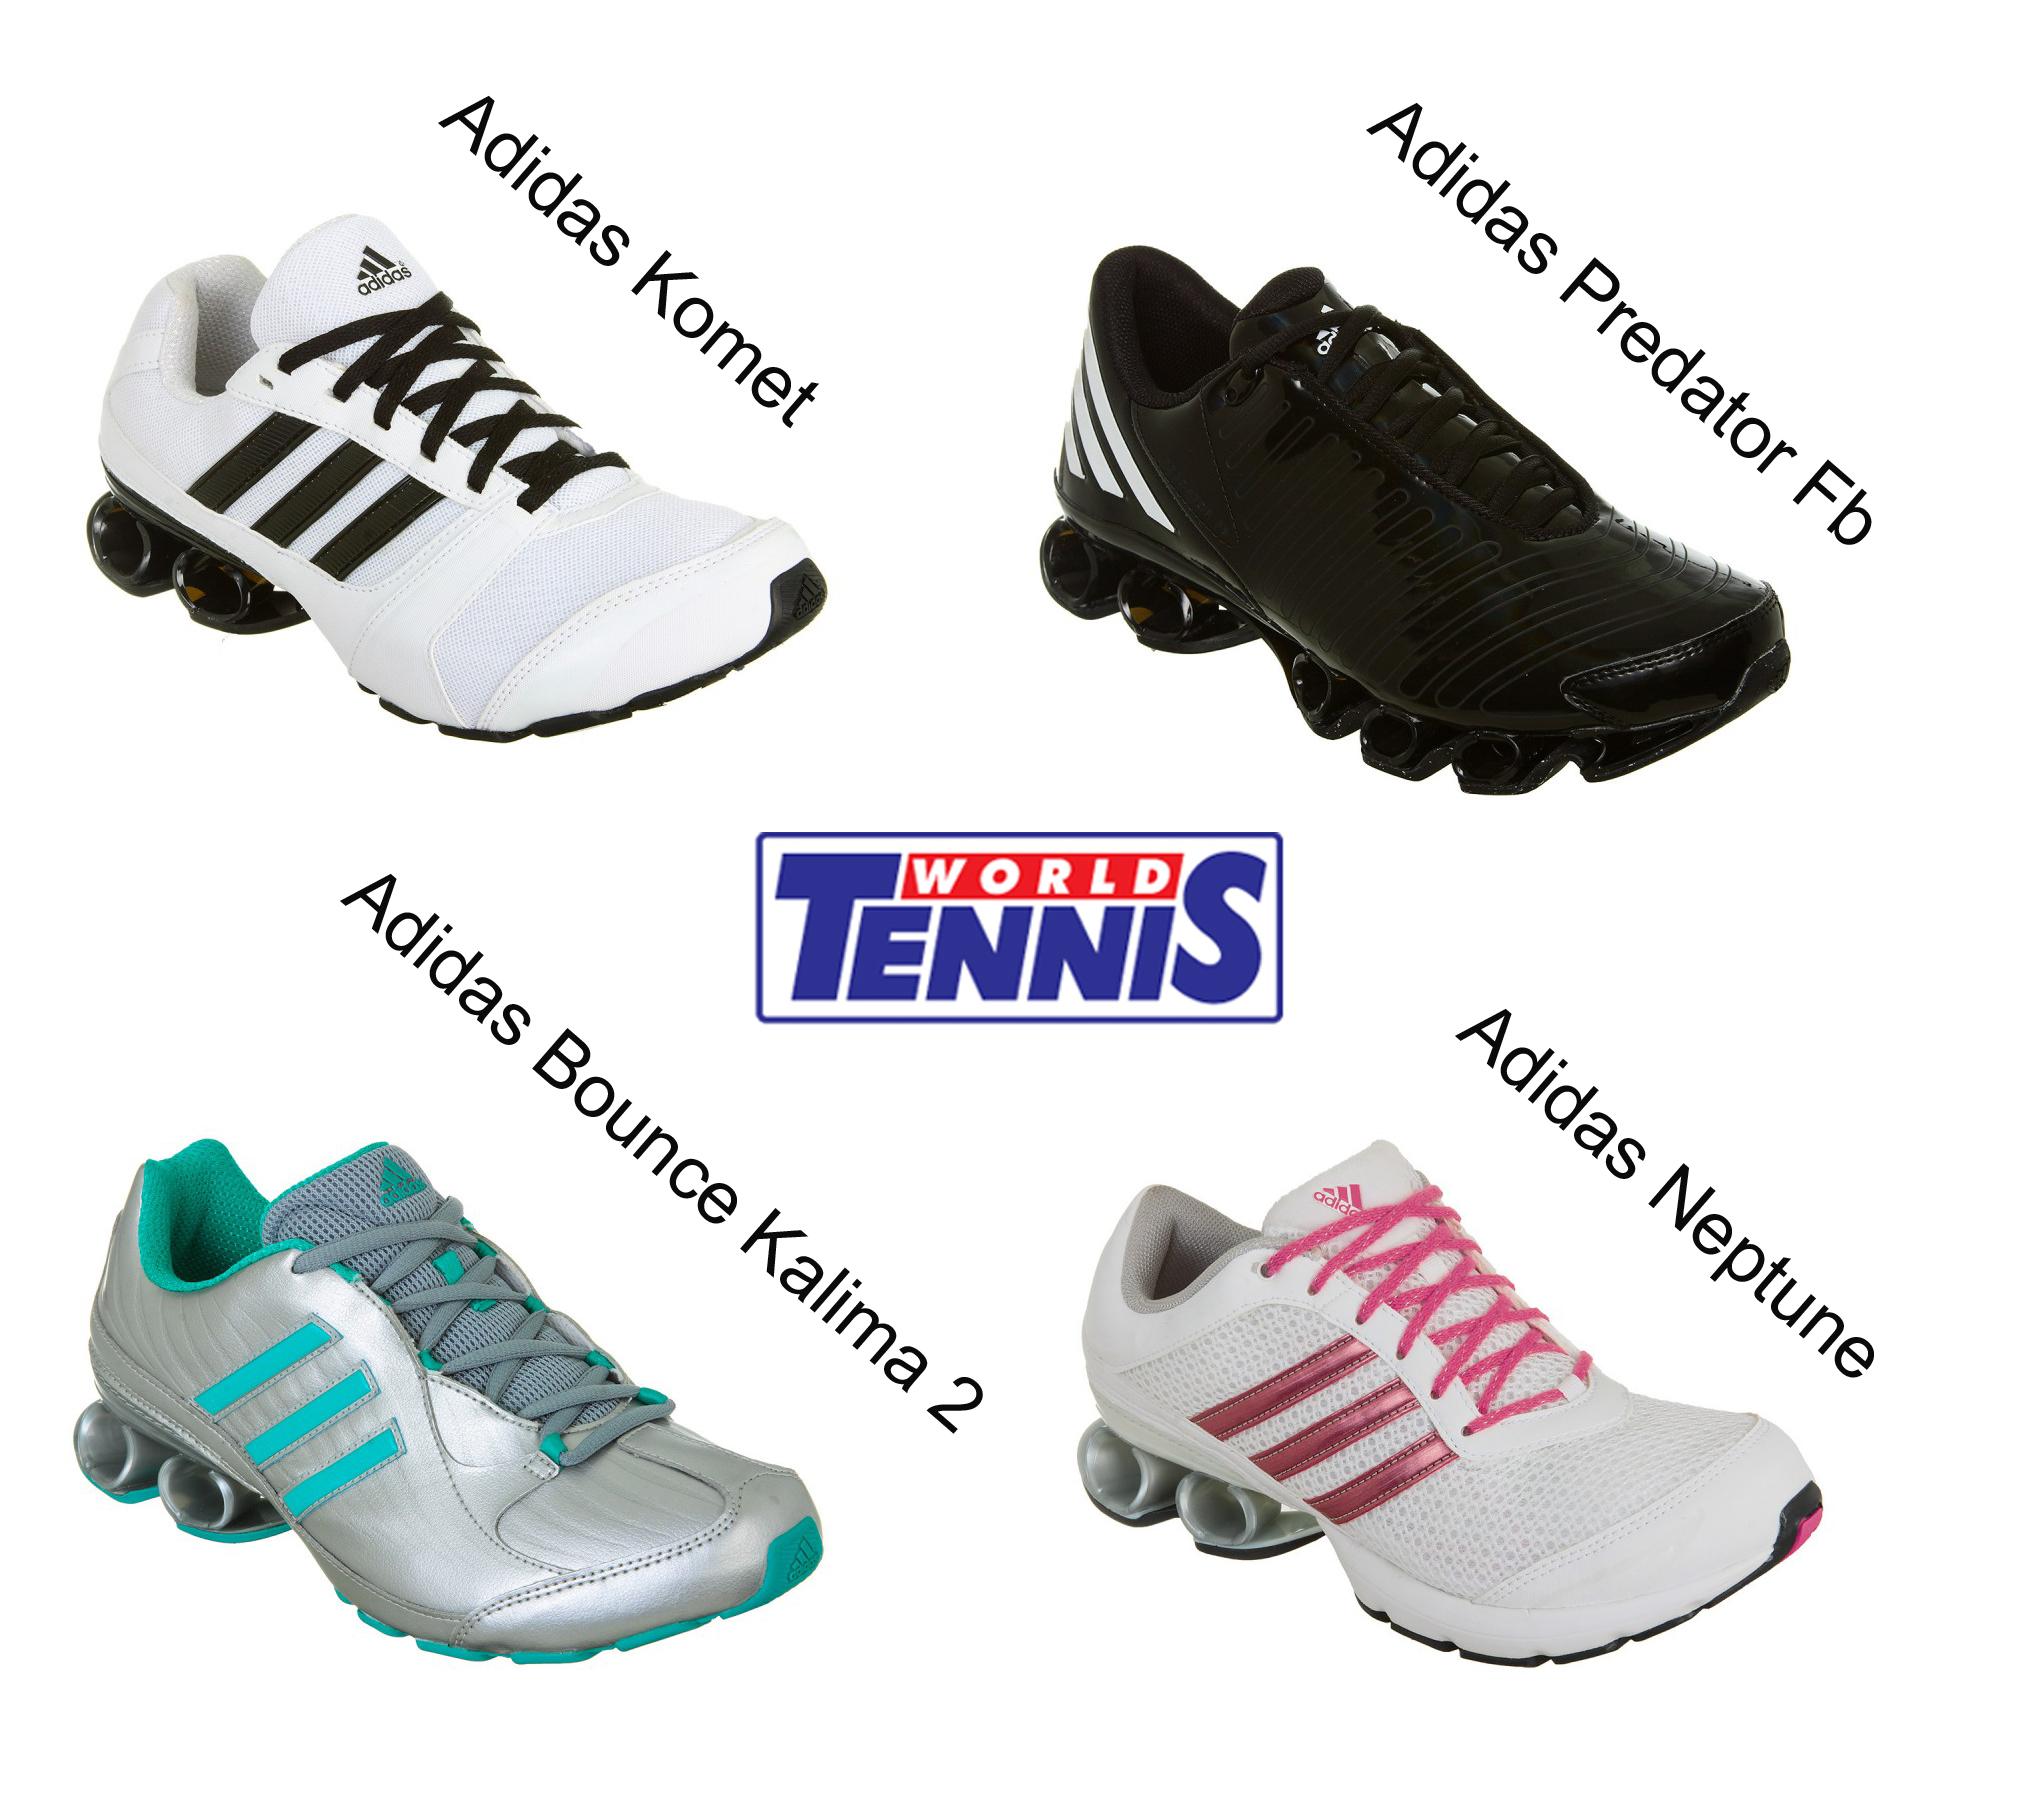 36e578a76 Arquivos tênis para caminhada - Página 9 de 13 - World Tennis - Tênis